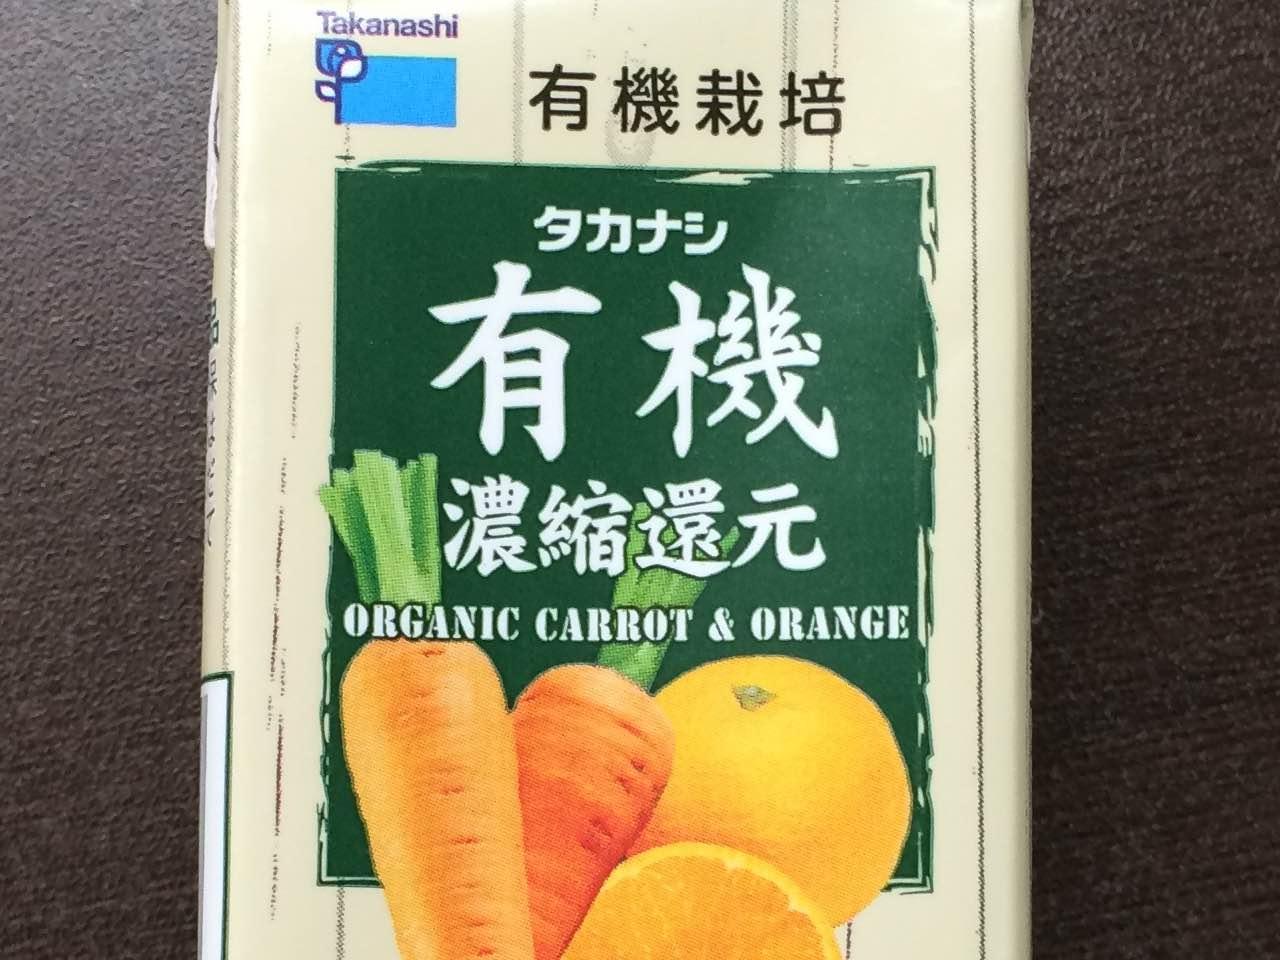 有機にんじん&有機オレンジ